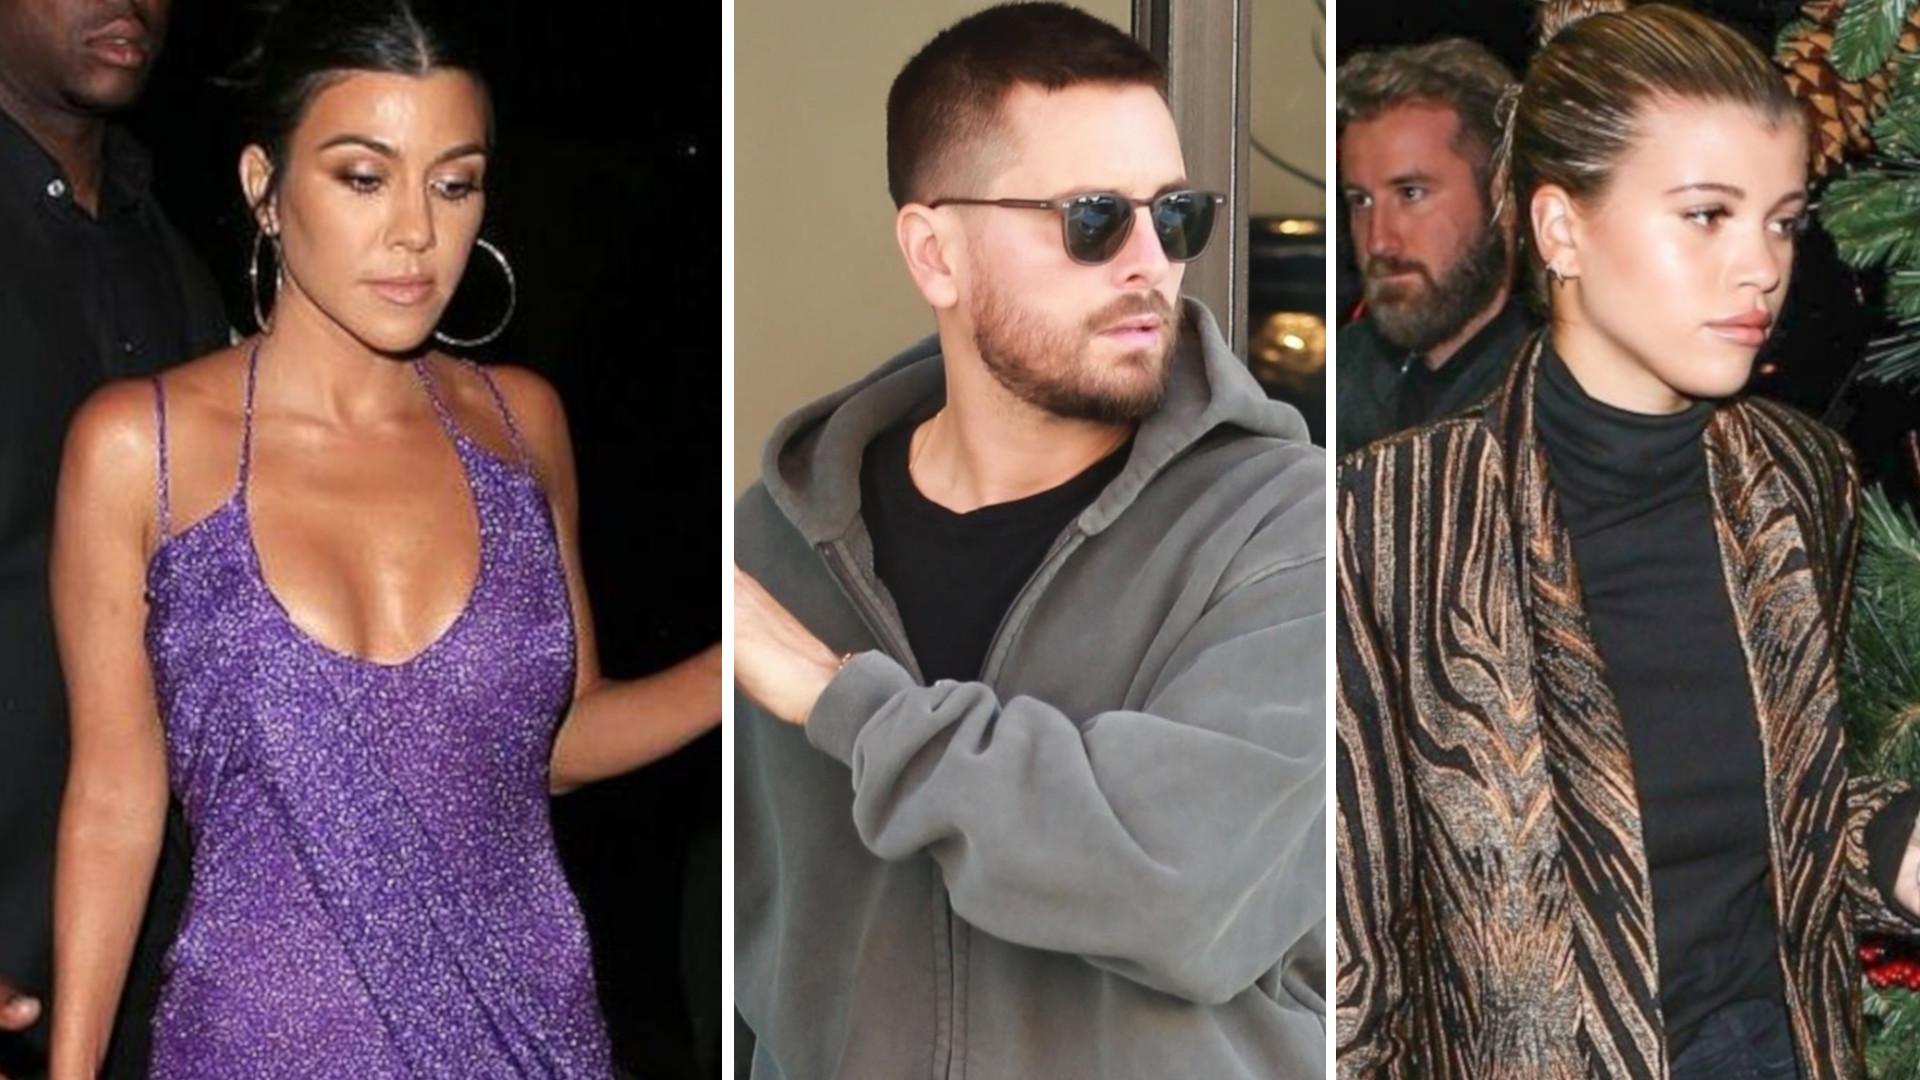 Porażka! Kourtney Kardashian świętowała swoje urodziny ze… Scottem i Sofią